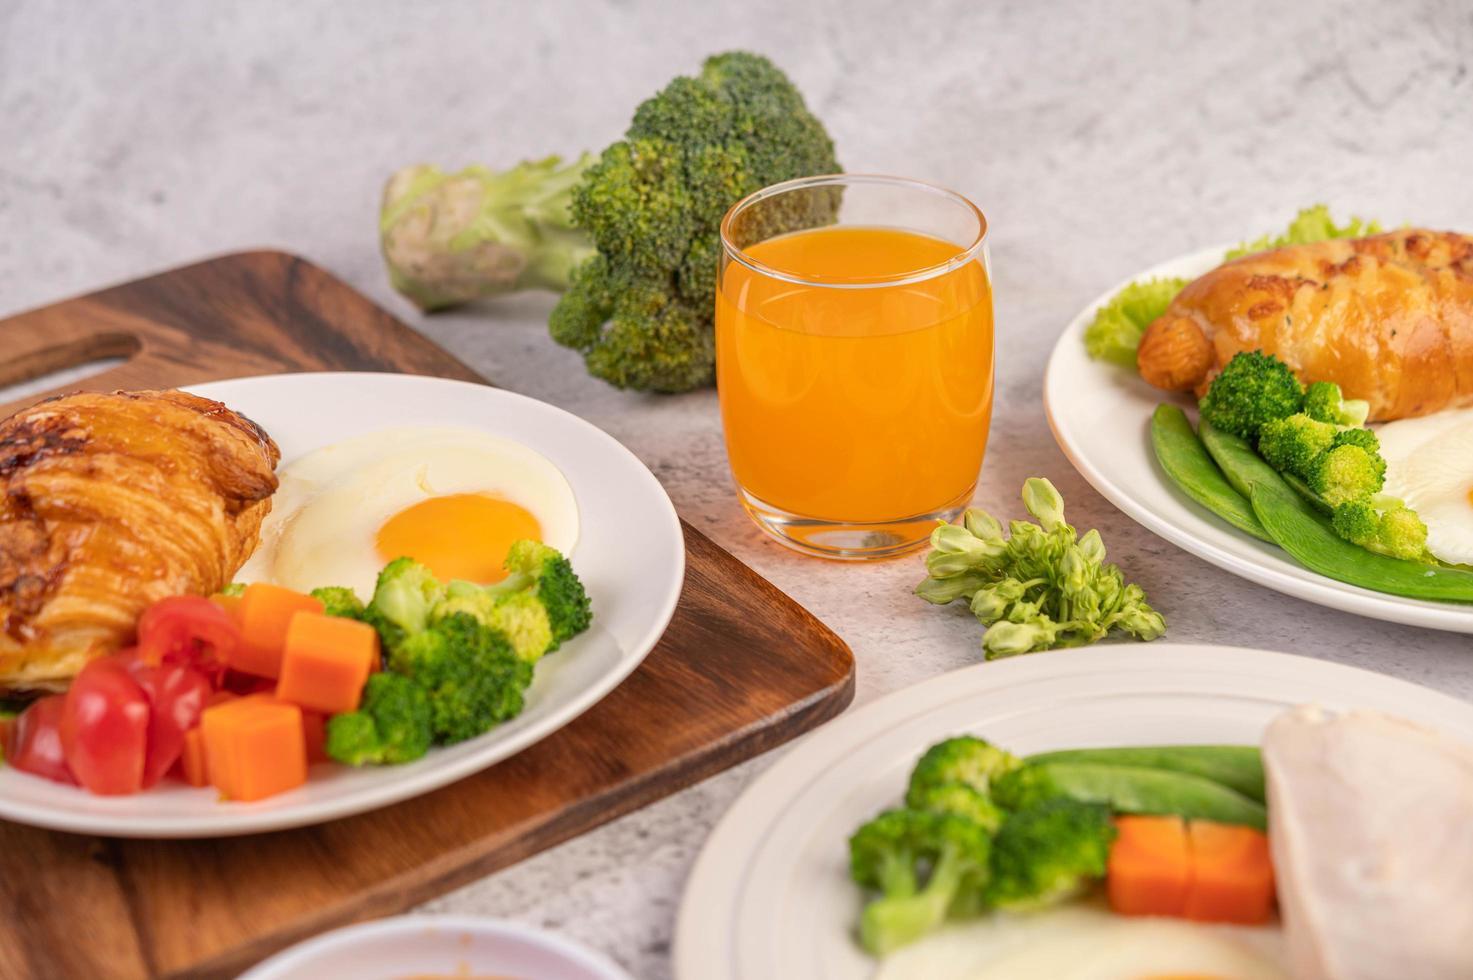 petit-déjeuner à tartiner de poulet, œufs au plat, brocoli, carottes, tomates et laitue photo